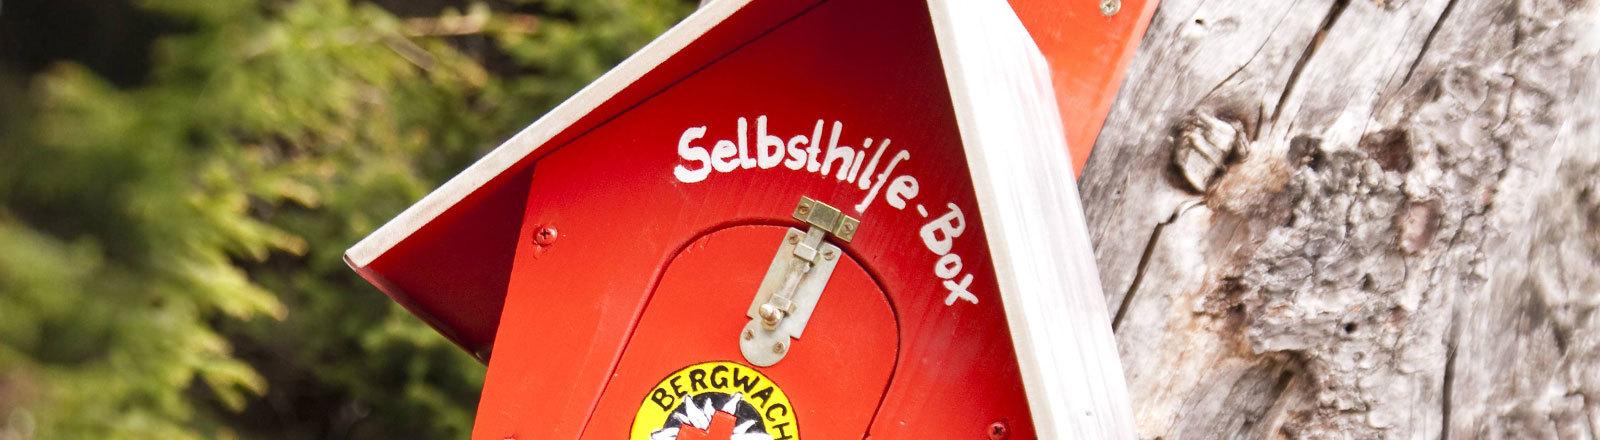 Selbsthilfe-Box von der Bergwacht im Harz